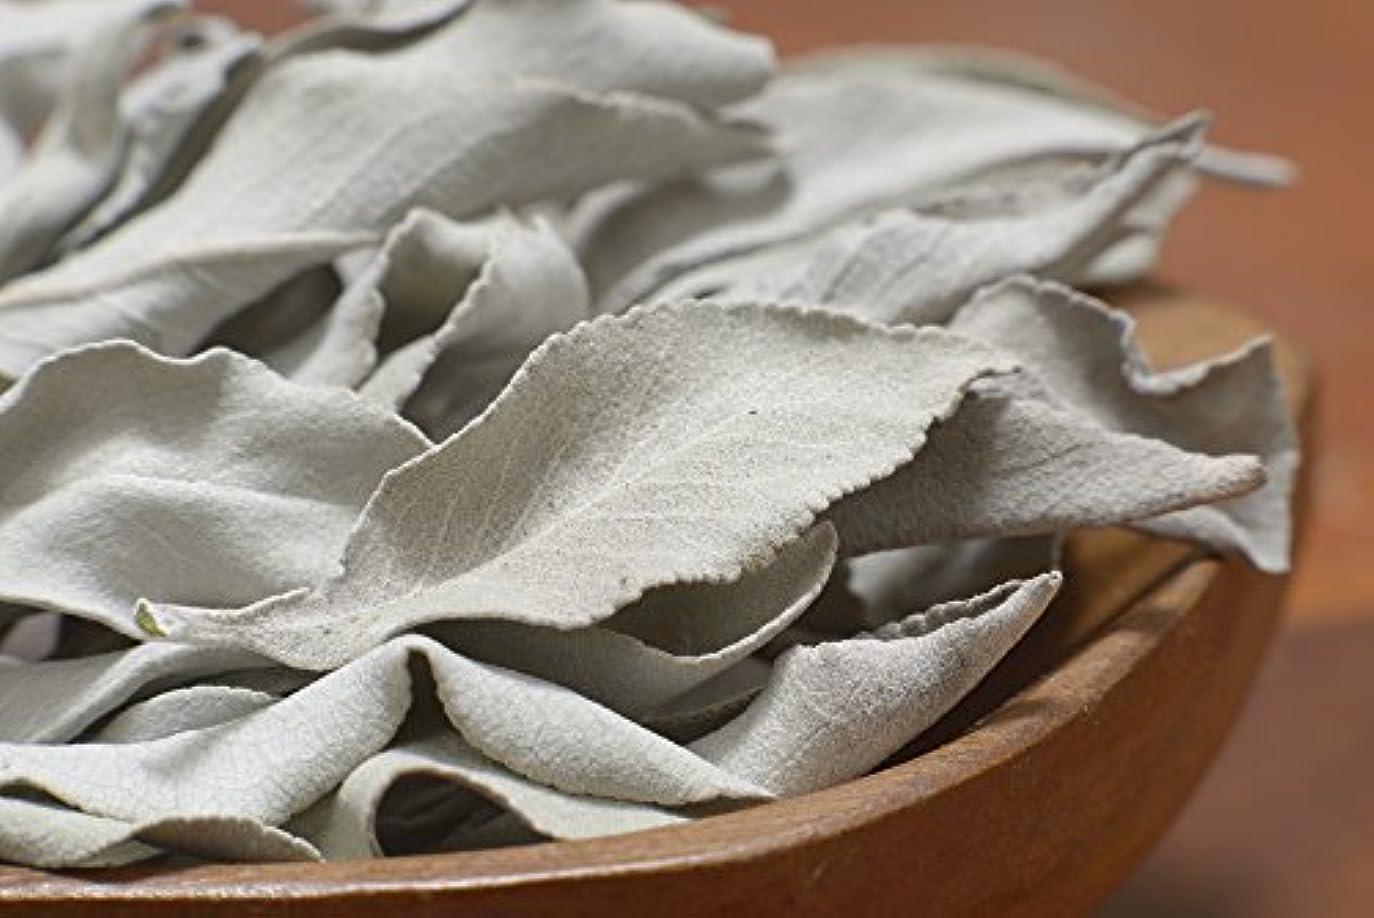 人種忘れる免疫最高級カリフォルニア産オーガニック ホワイトセージ 50g入り (葉+茎タイプ) 無農薬栽培 浄化用 スマッジング用として